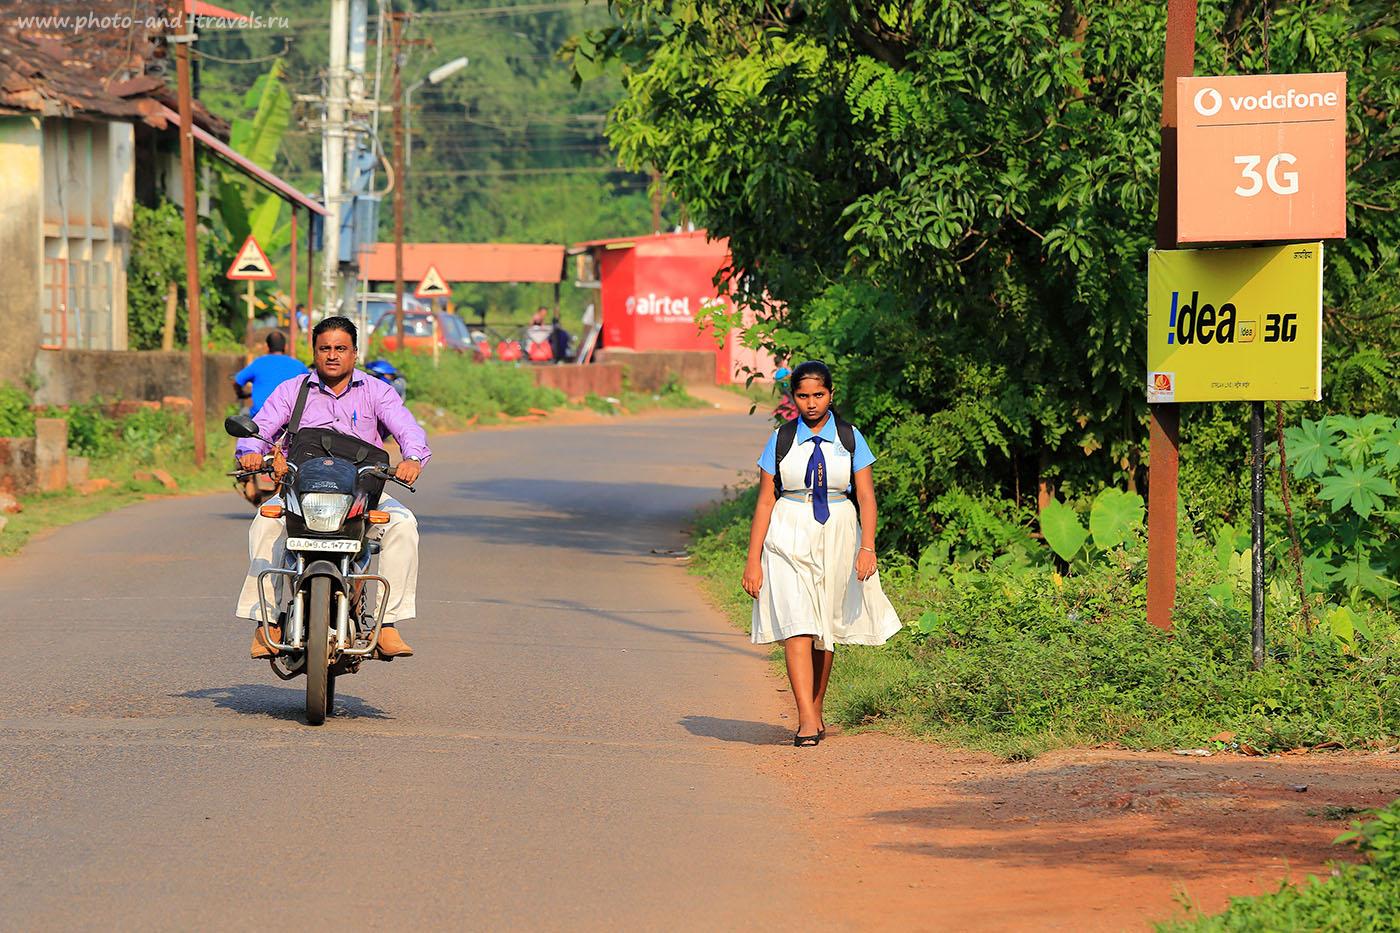 Фото 1. Мотоциклист и школьница. Отдых в Южном Гоа в октябре. Отчет о самостоятельной поездке в Индию (фотоаппарат Canon EOS 6D, объектив Canon EF 24-70mm f/4L IS USM,1/250, 0eV, f8, 192mm, ISO 100)